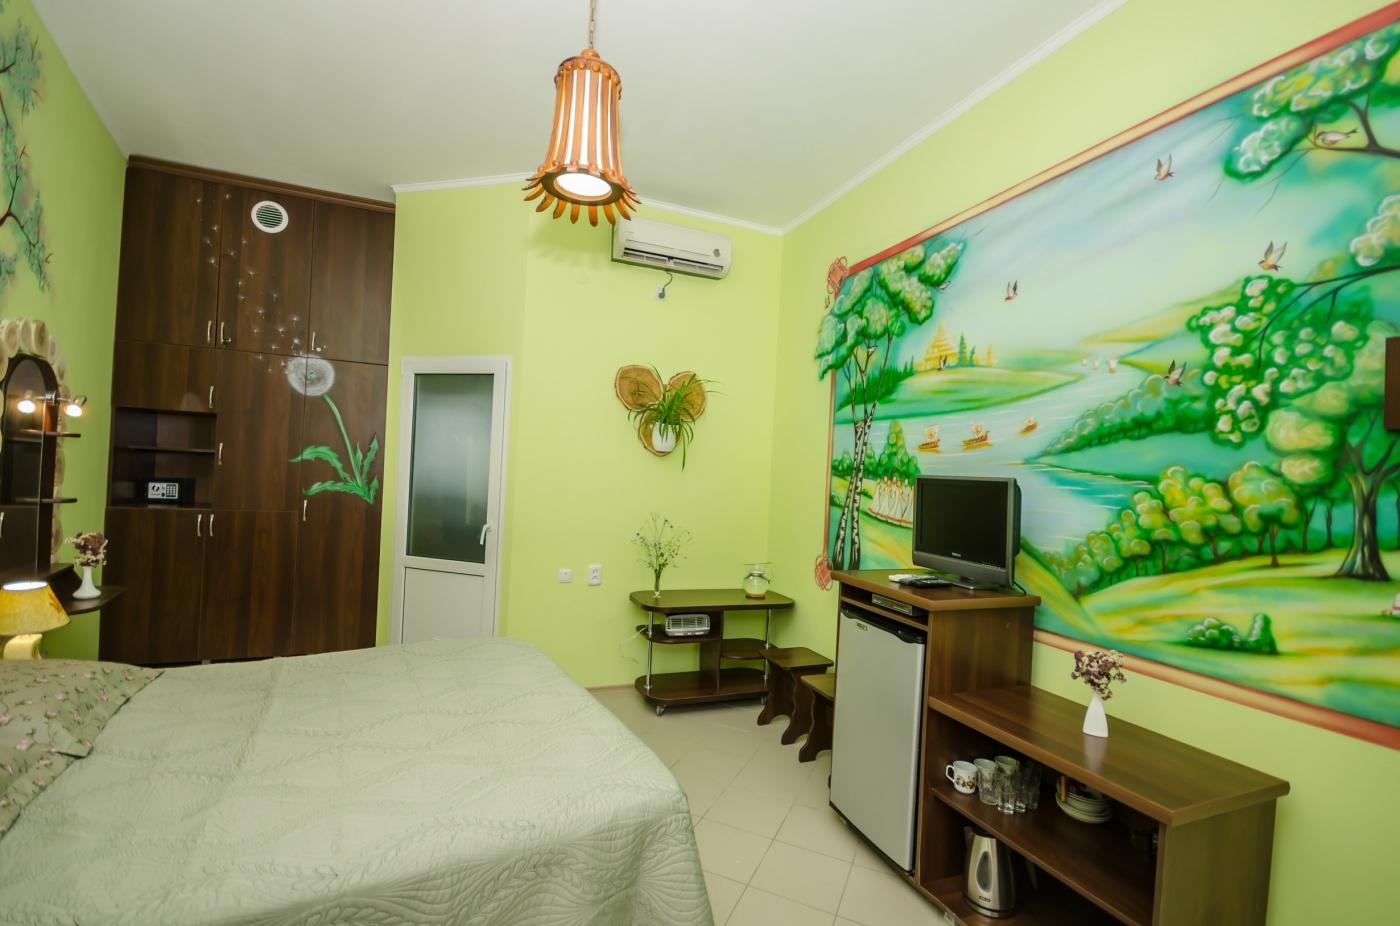 Гостевой дом «Гринвич» Республика Крым Стандарт в эко-стиле, фото 6